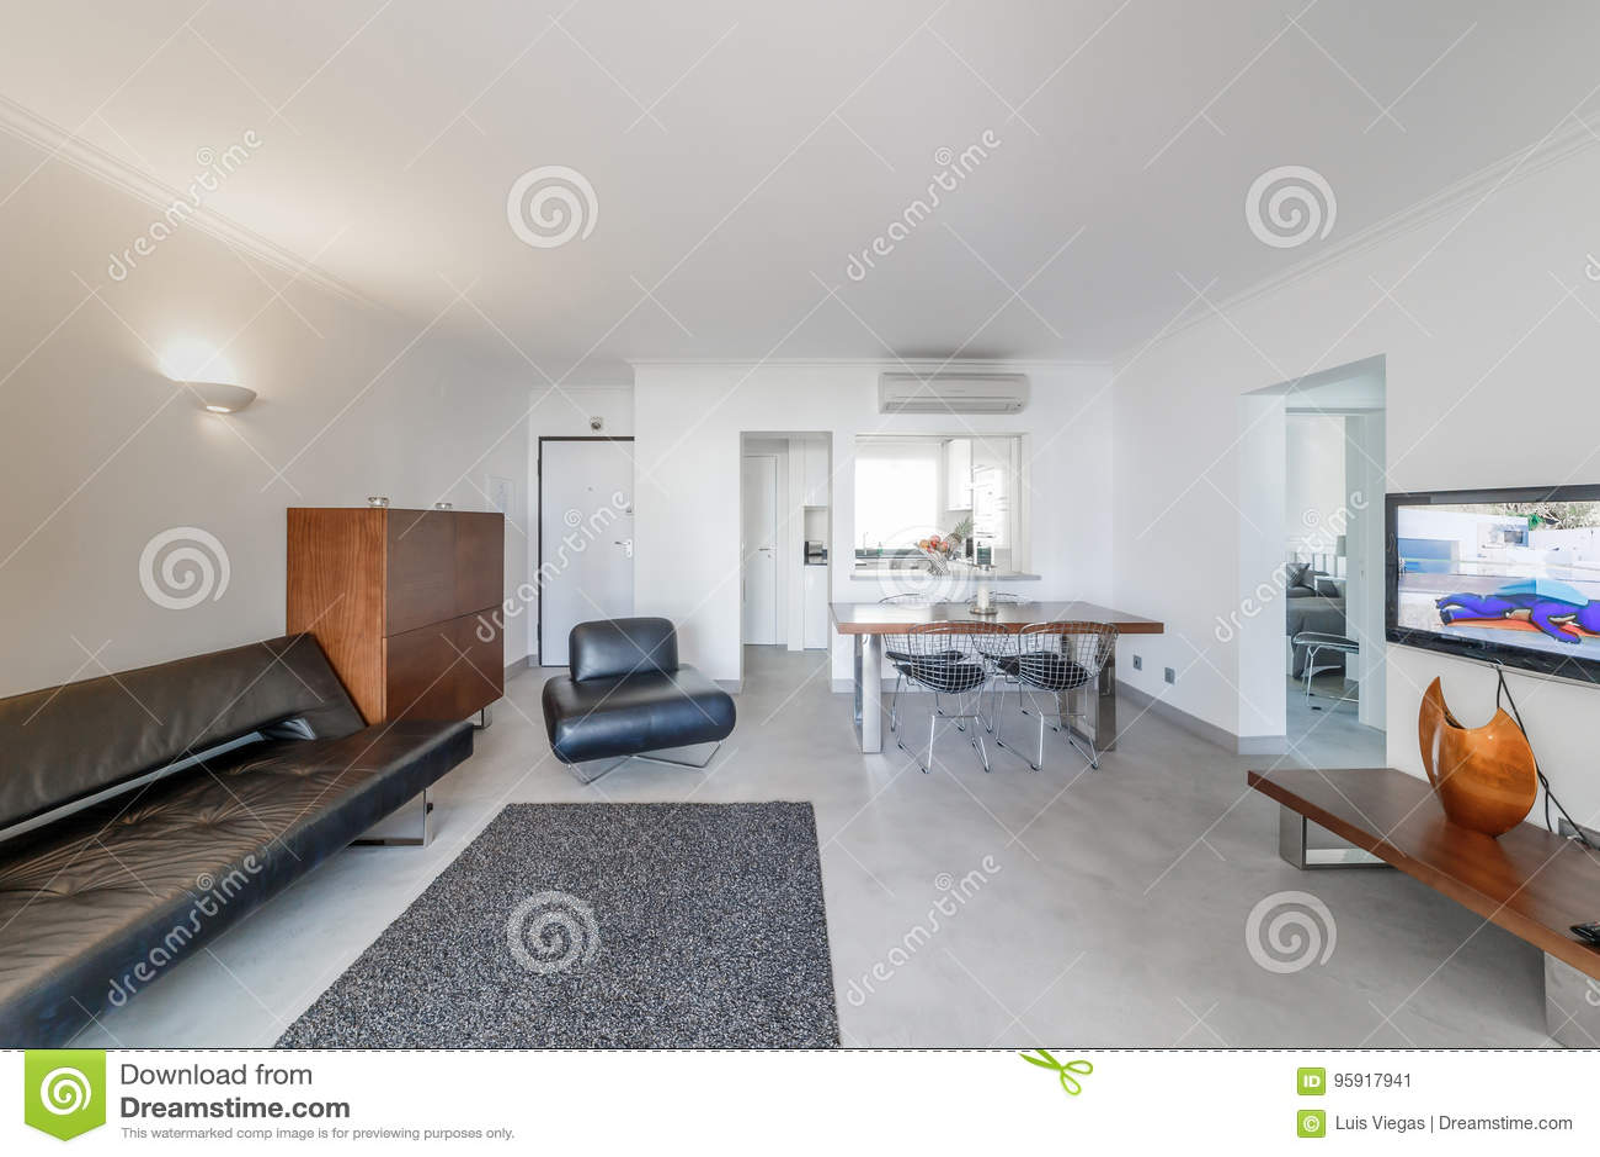 Moderne Wohnung Mit Weissen Wanden Und Hellgrauem Boden Stockbild